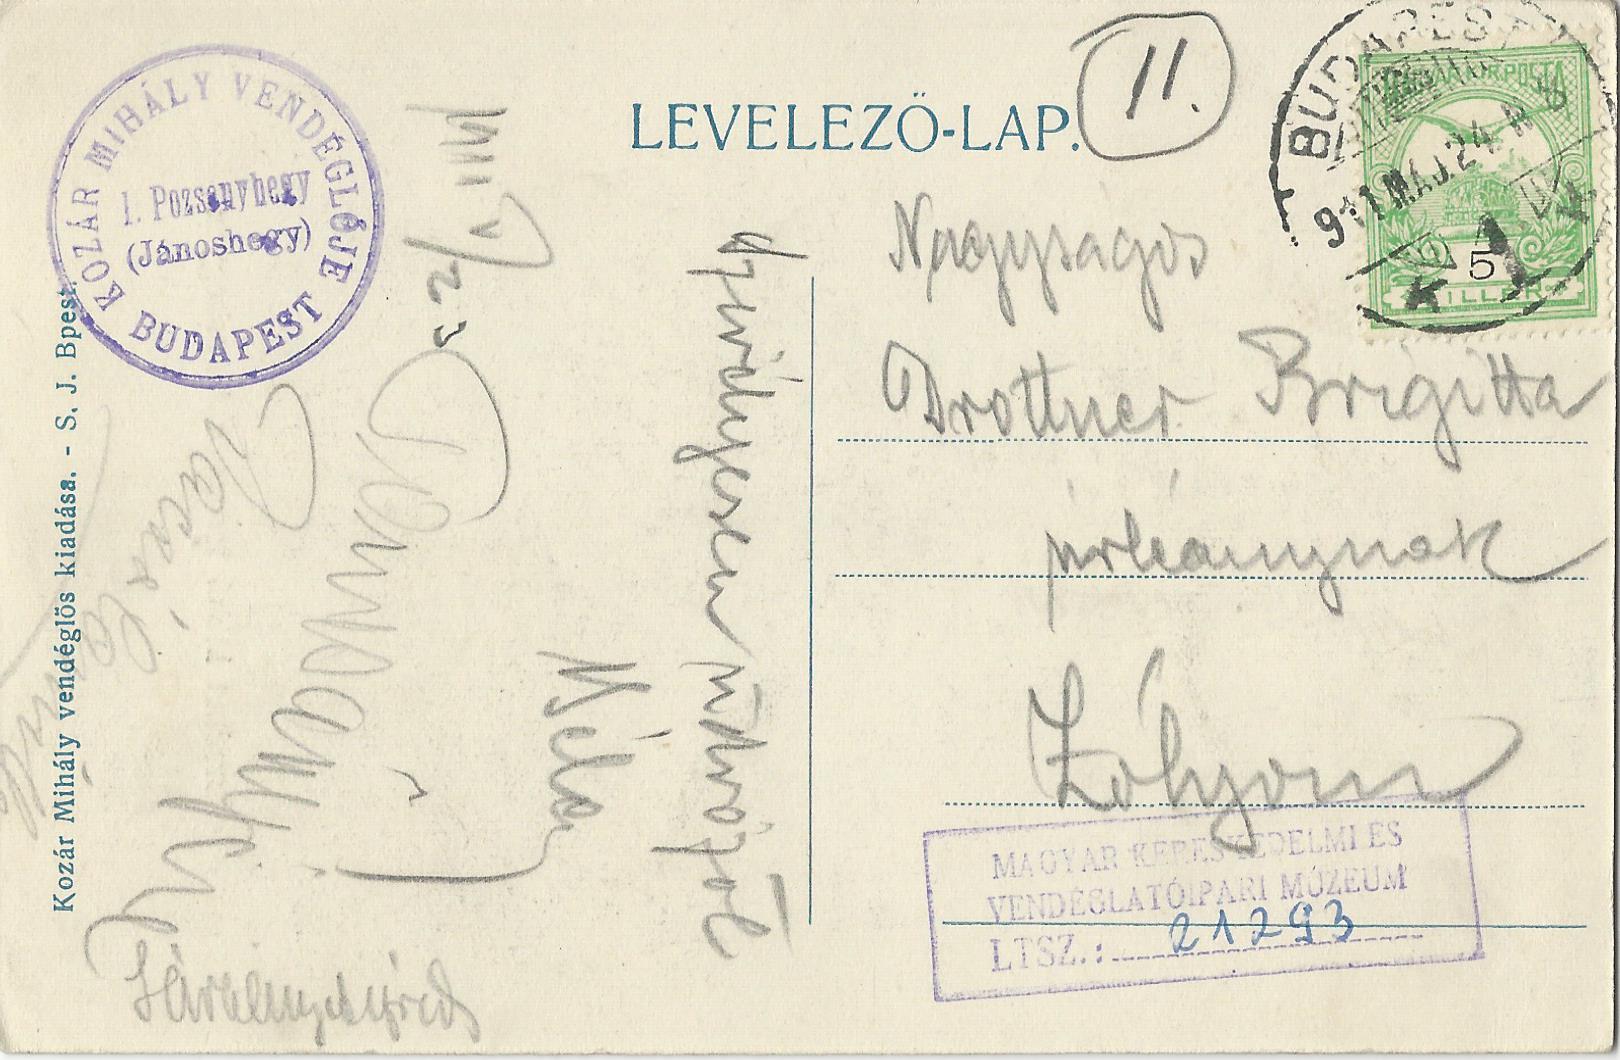 """Kozár, a Libegő mai felső végállomásának helyén álló Jánoshegyi vendéglő bérlőjeként jelentős szerepet vállalt a """"messzelátó"""" népszerűsítésében. Az ő kiadásában jelentek meg az első képeslapok a főváros akkortájt legújabb nevezetességéről."""